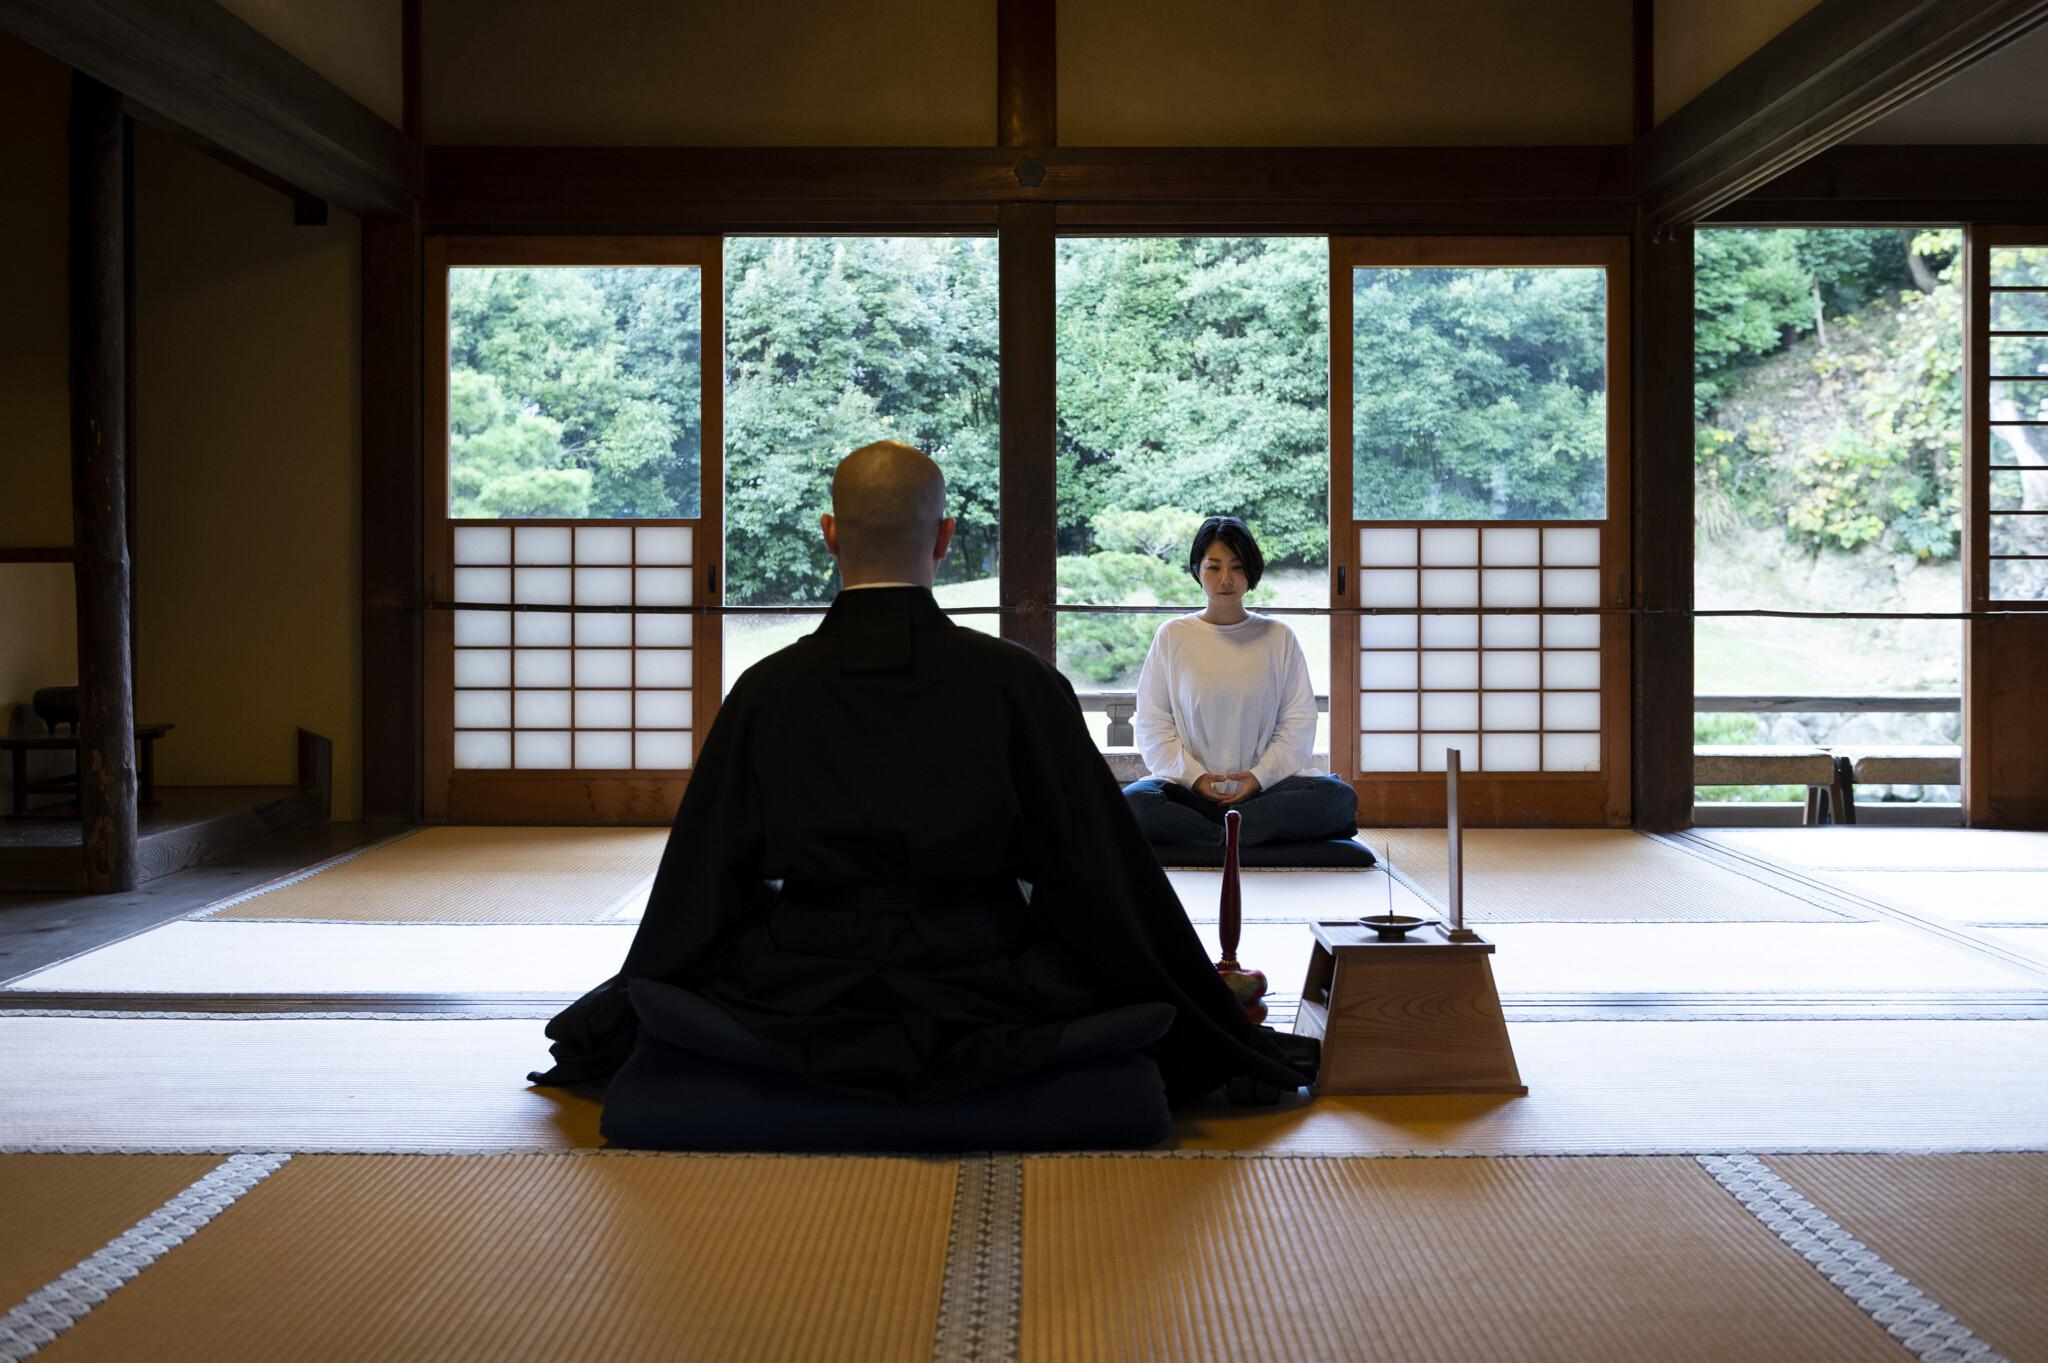 【鎌倉】お寺で体験したい4つのこと。自分を見つめ直し、心も体もリラックスしよう。/写仏・坐禅・御詠歌・写経